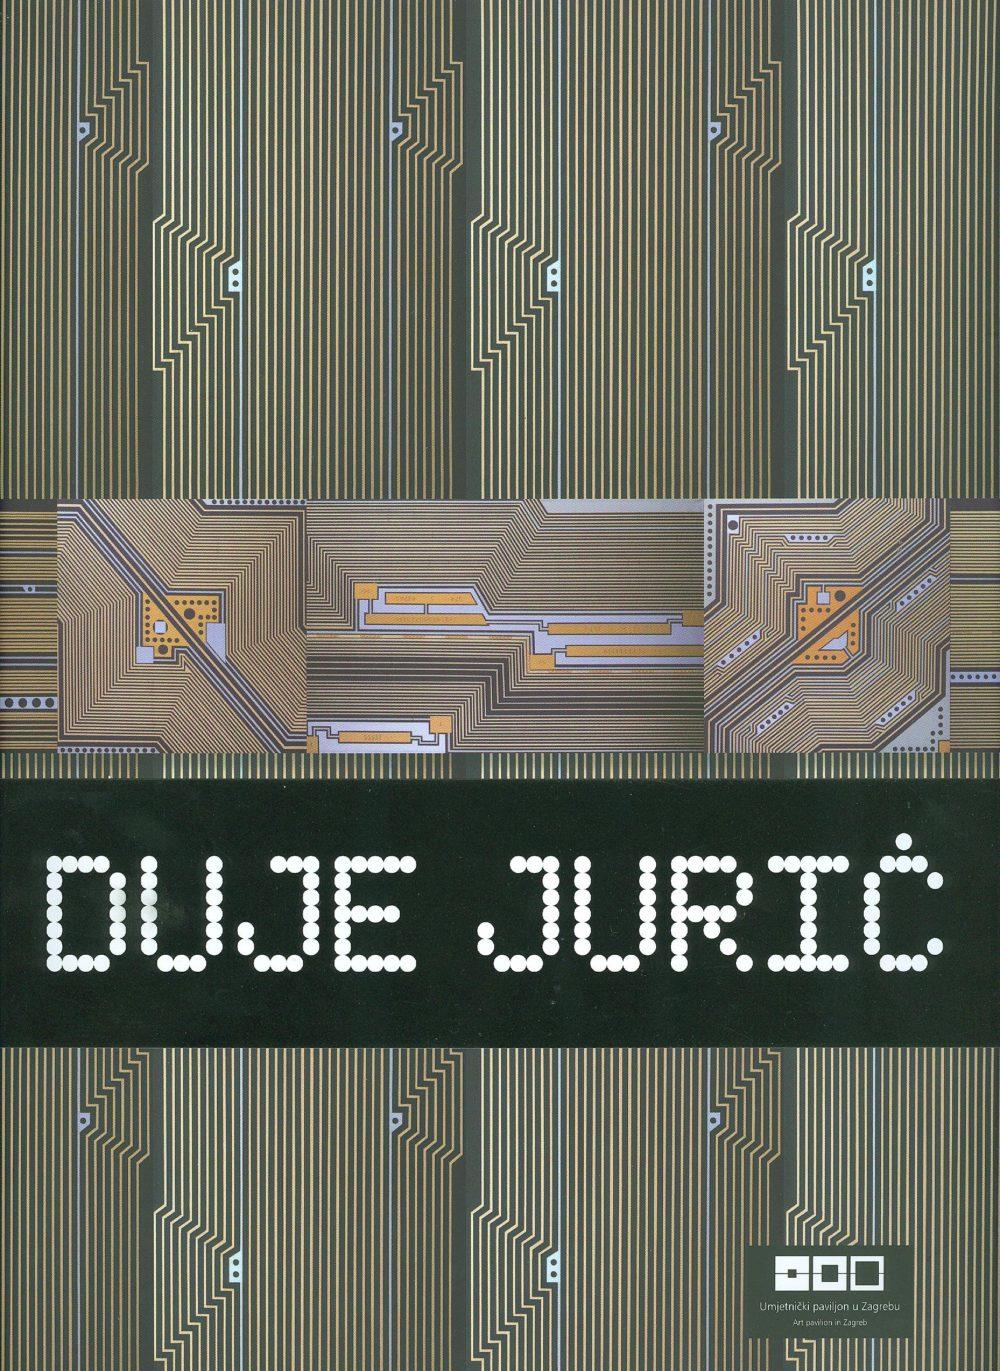 Duje Juric MEMO-CHIPS 2010